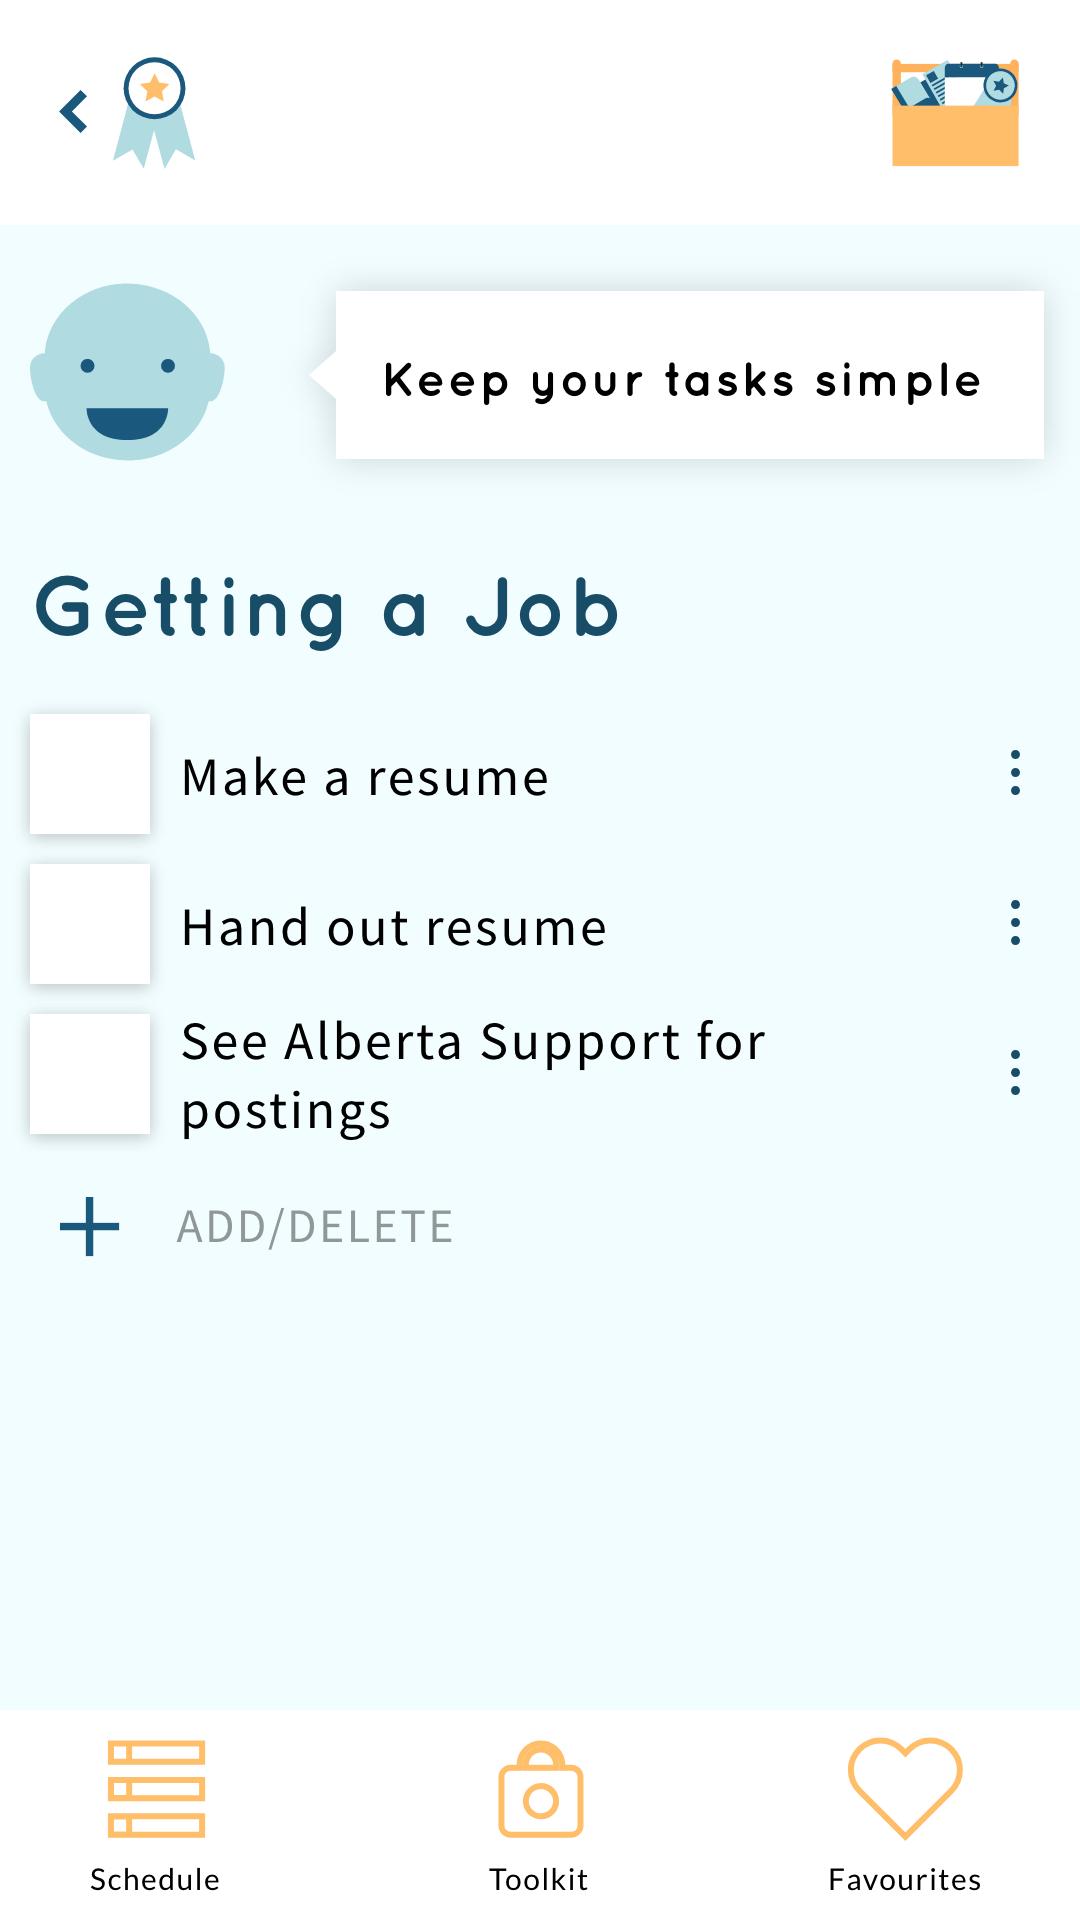 Job_Goals@3x.png